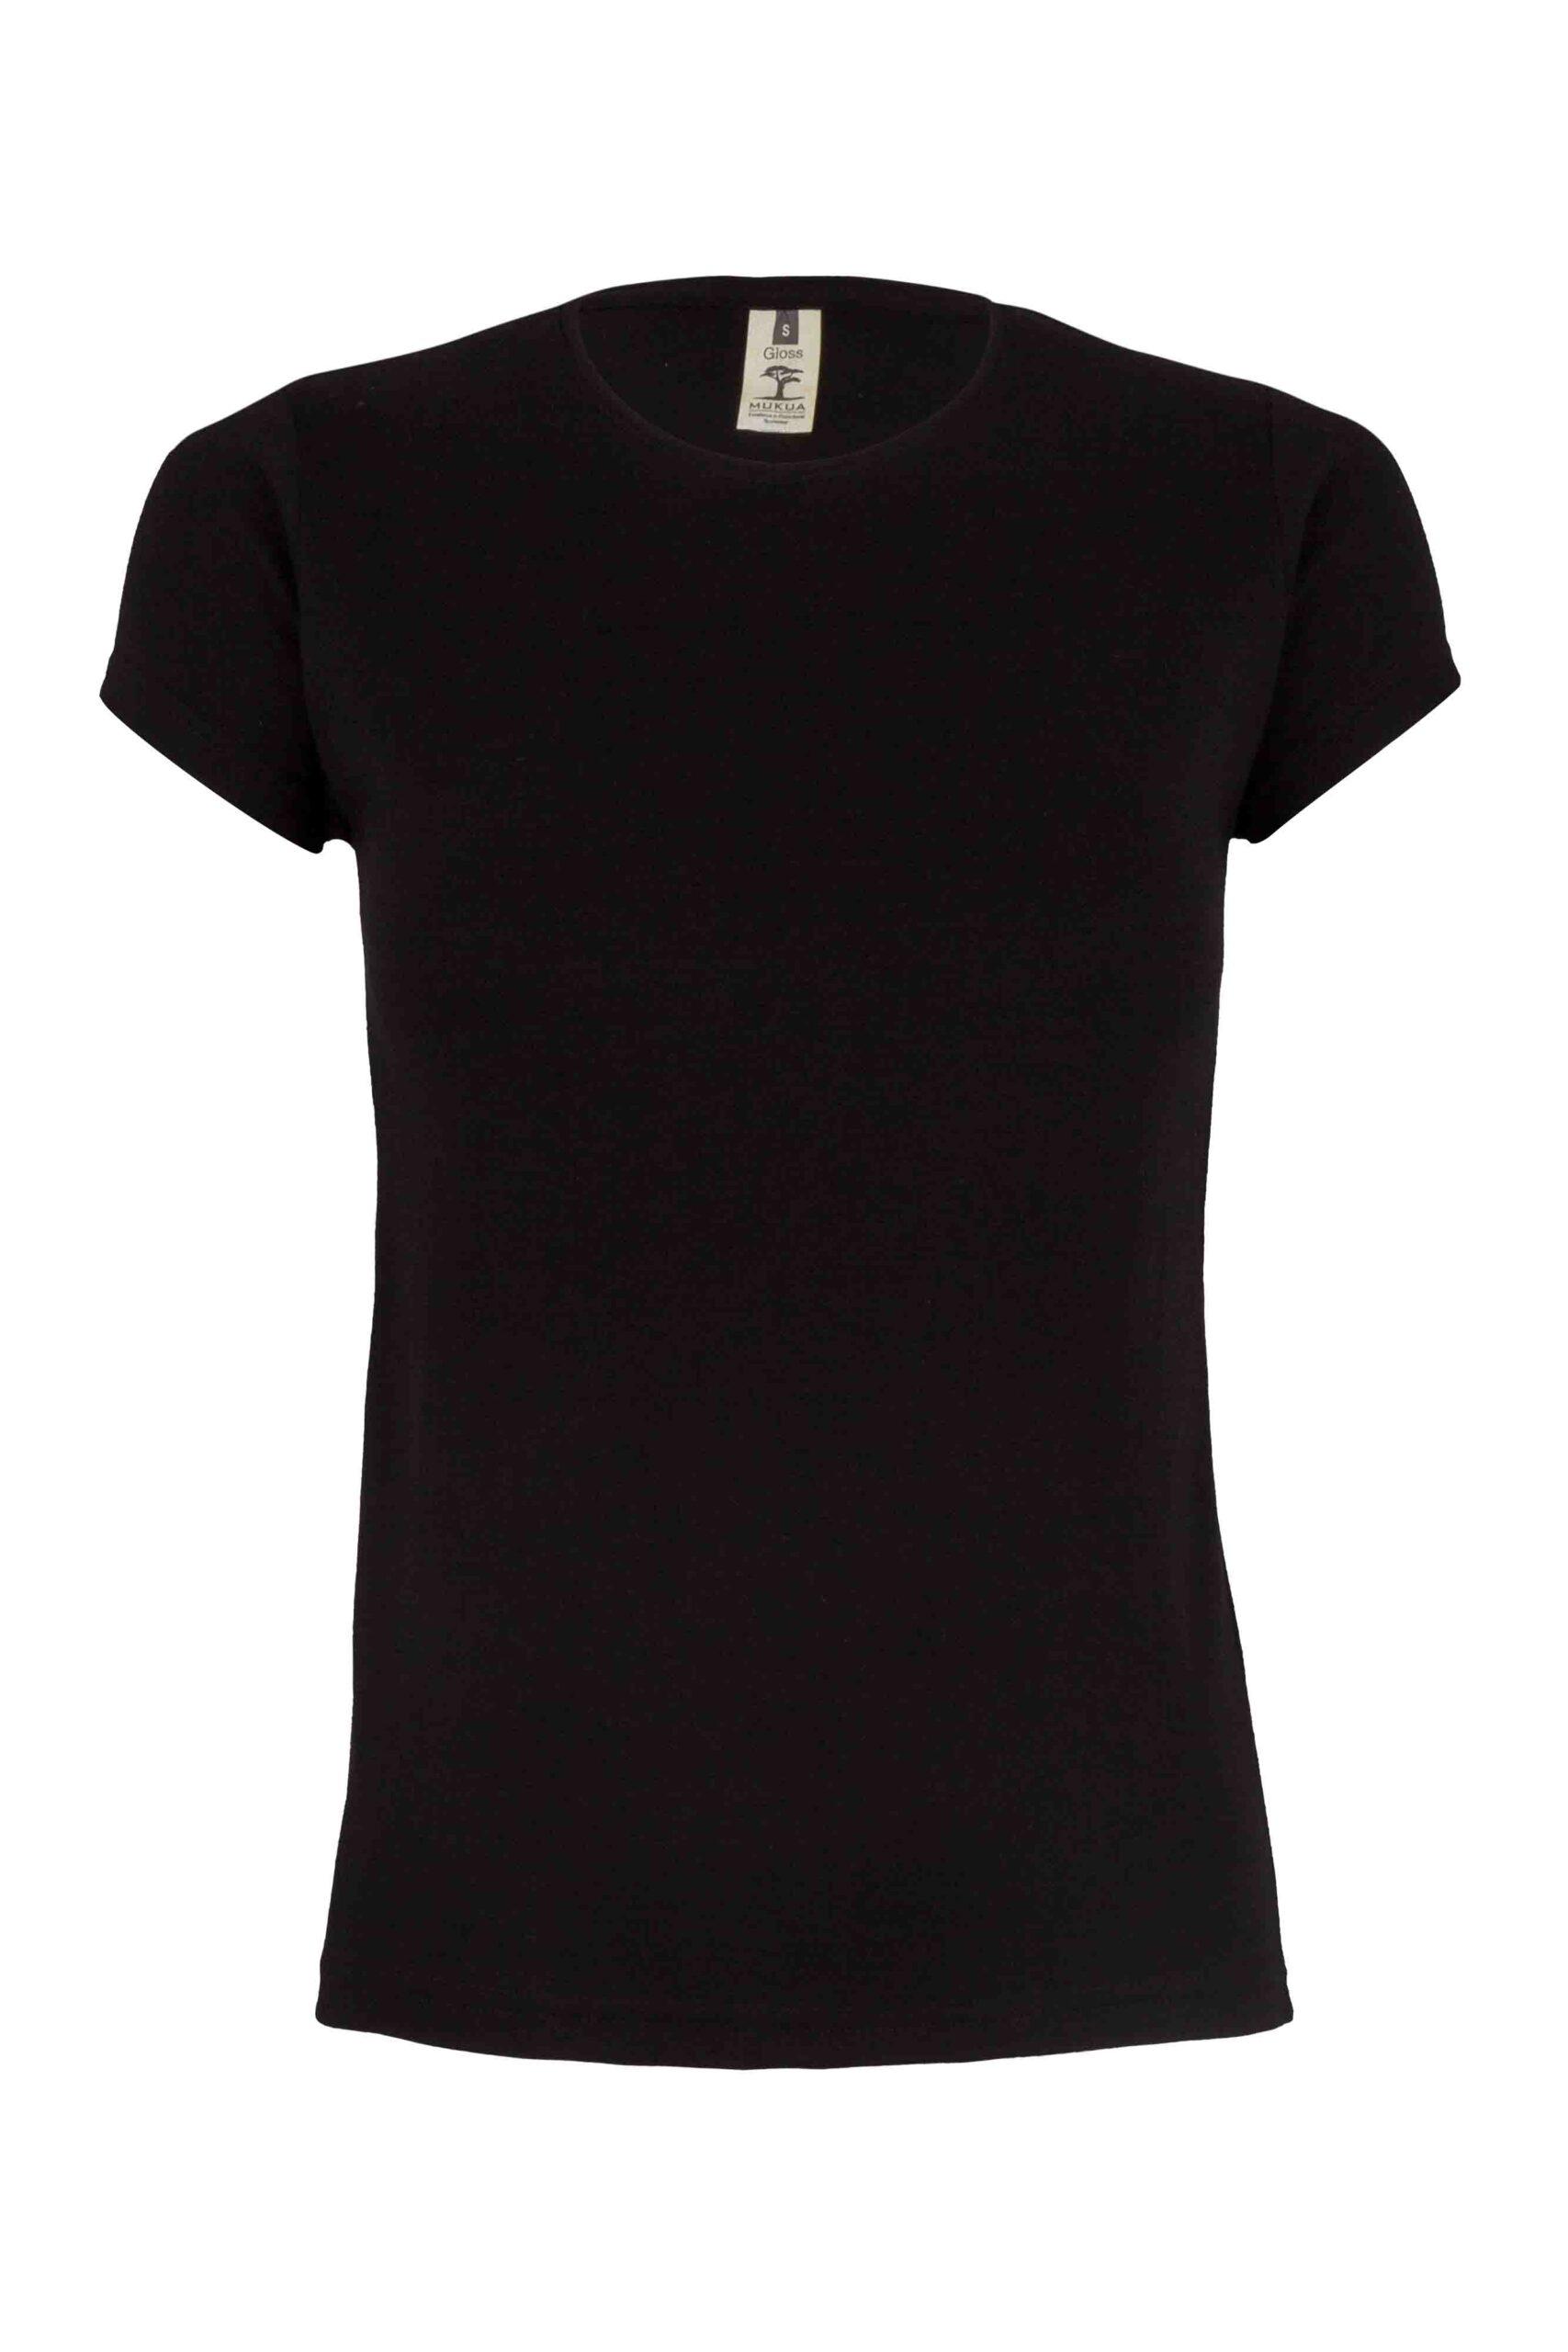 Mukua Mk170cv Camiseta Manga Corta 130gr Black